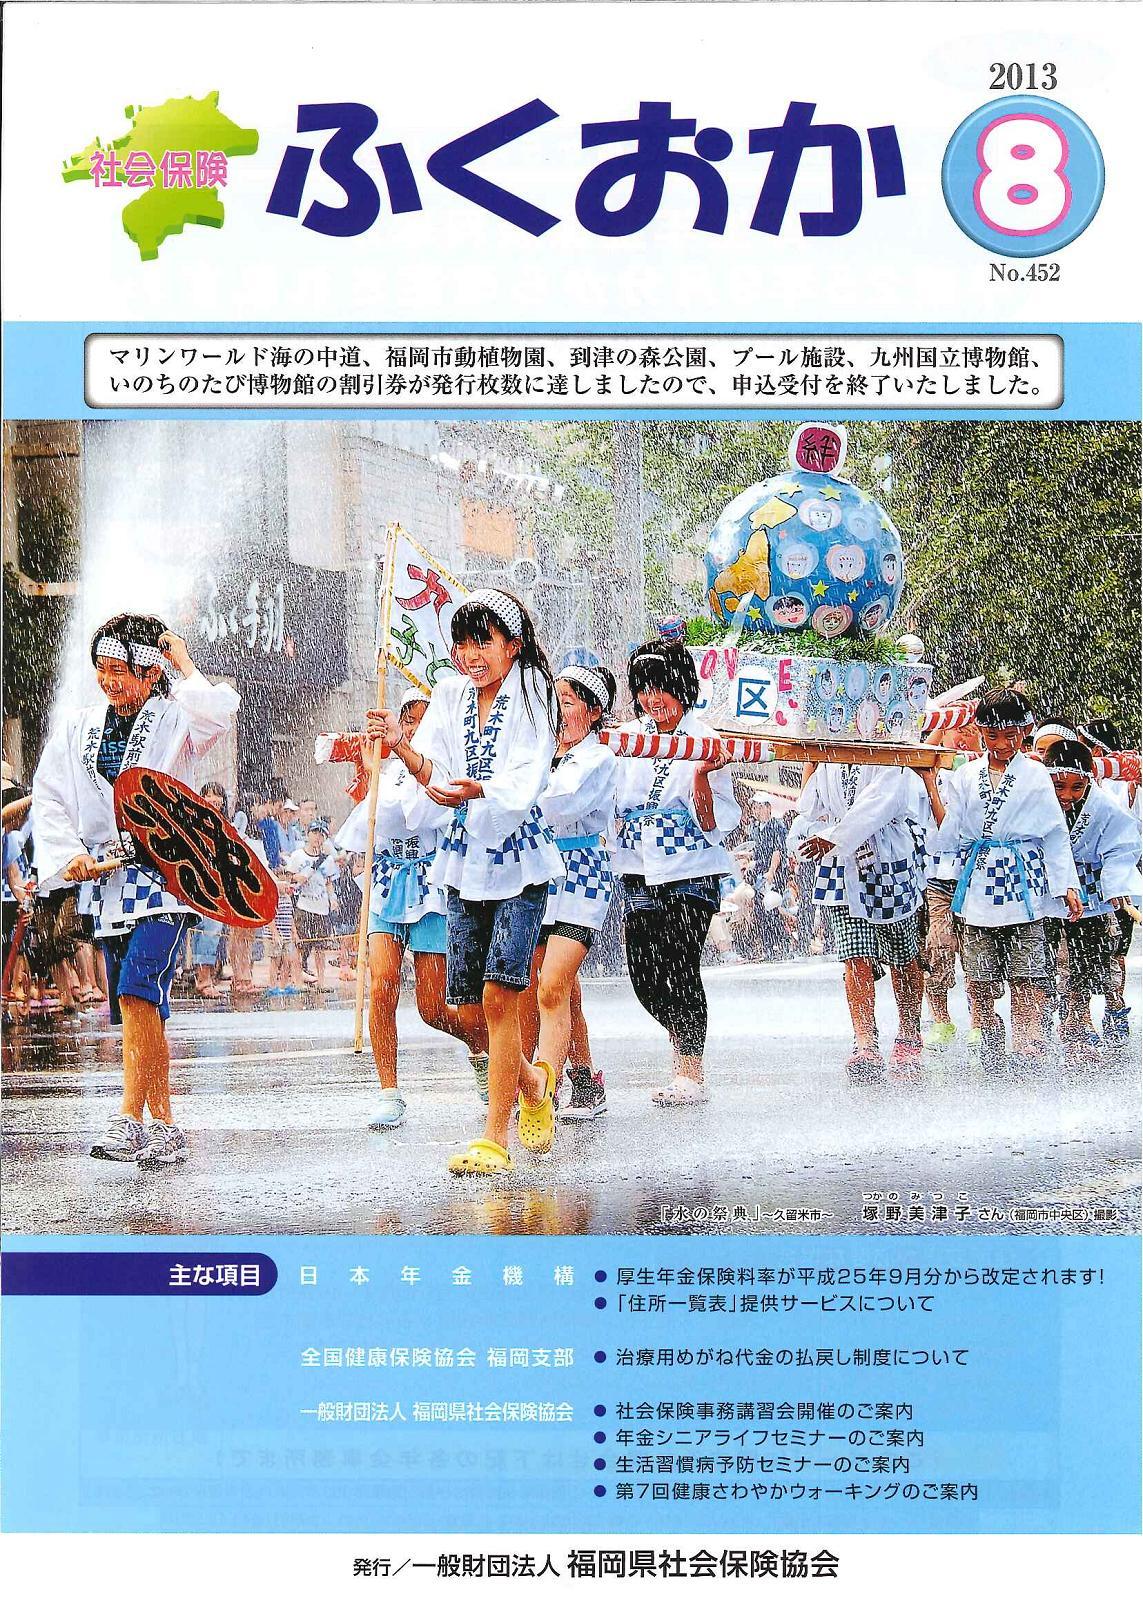 社会保険 ふくおか 2013年8月号_f0120774_14542945.jpg